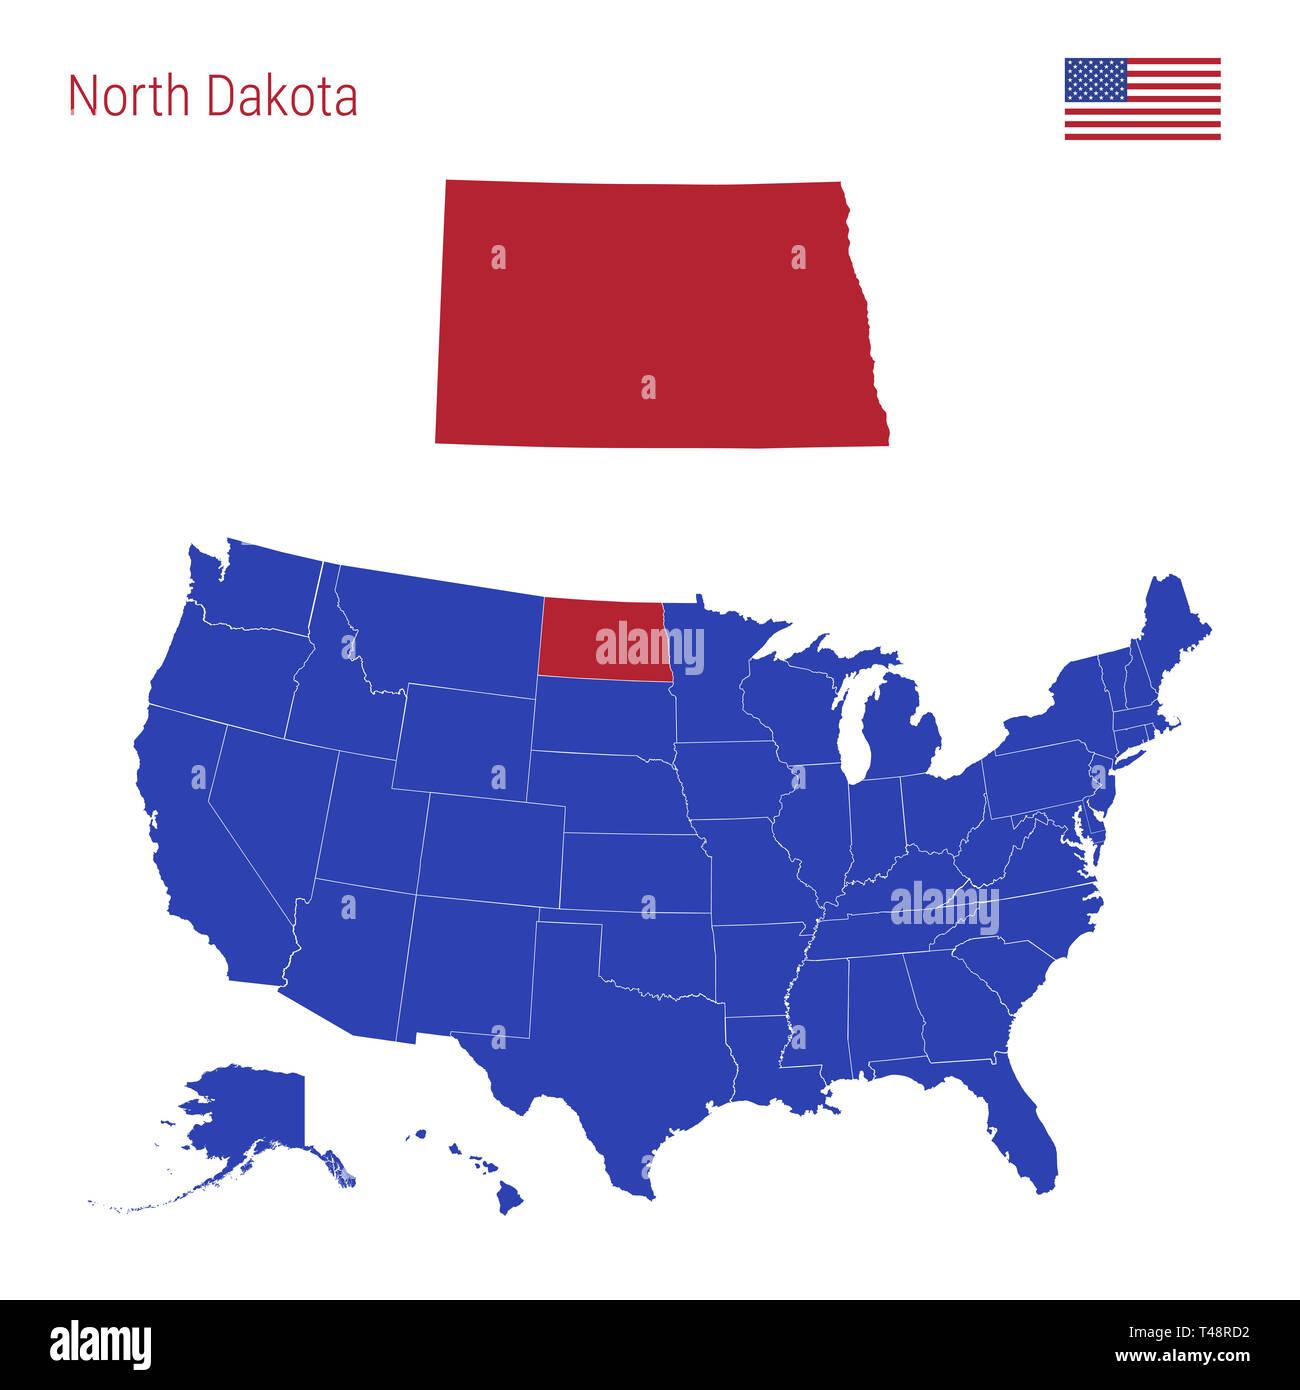 Images Of The United States North Dakota Map on chicago map of the united states, ohio map of the united states, california map of the united states, upper midwest map of the united states, texas map of the united states, nebraska map of the united states, pennsylvania map of the united states, canada map of the united states, alaska map of the united states, utah map of the united states, mountain map of the united states, wisconsin map of the united states, state map of the united states, mississippi river map of the united states, virginia map of the united states, alabama map of the united states,